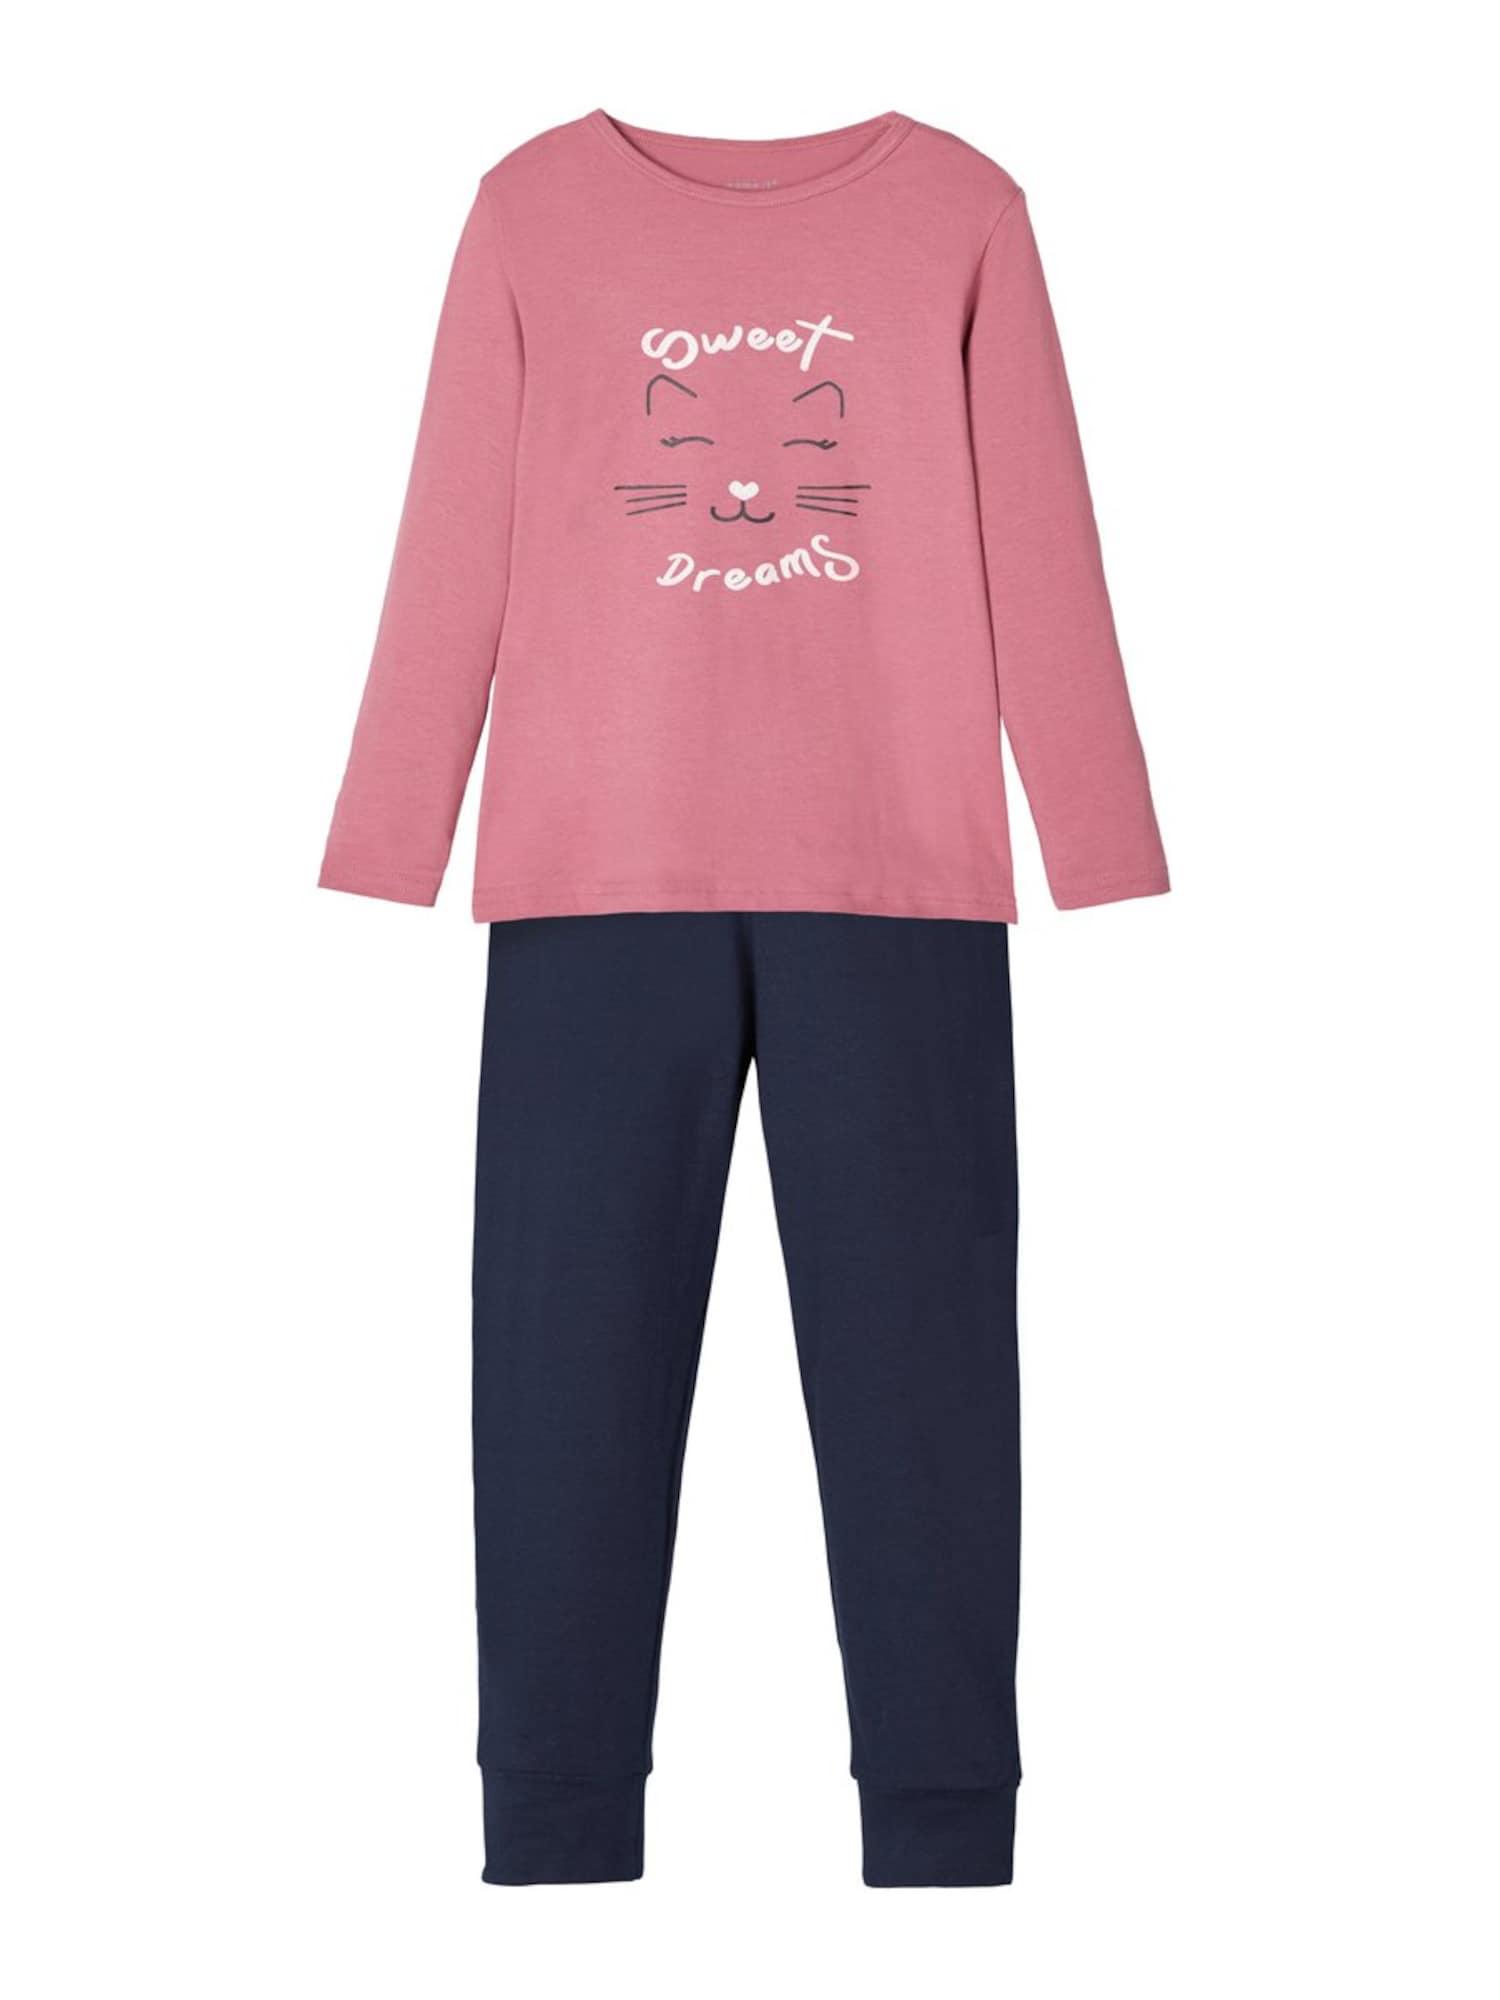 NAME IT Miego kostiumas tamsiai mėlyna / ryškiai rožinė spalva / balta